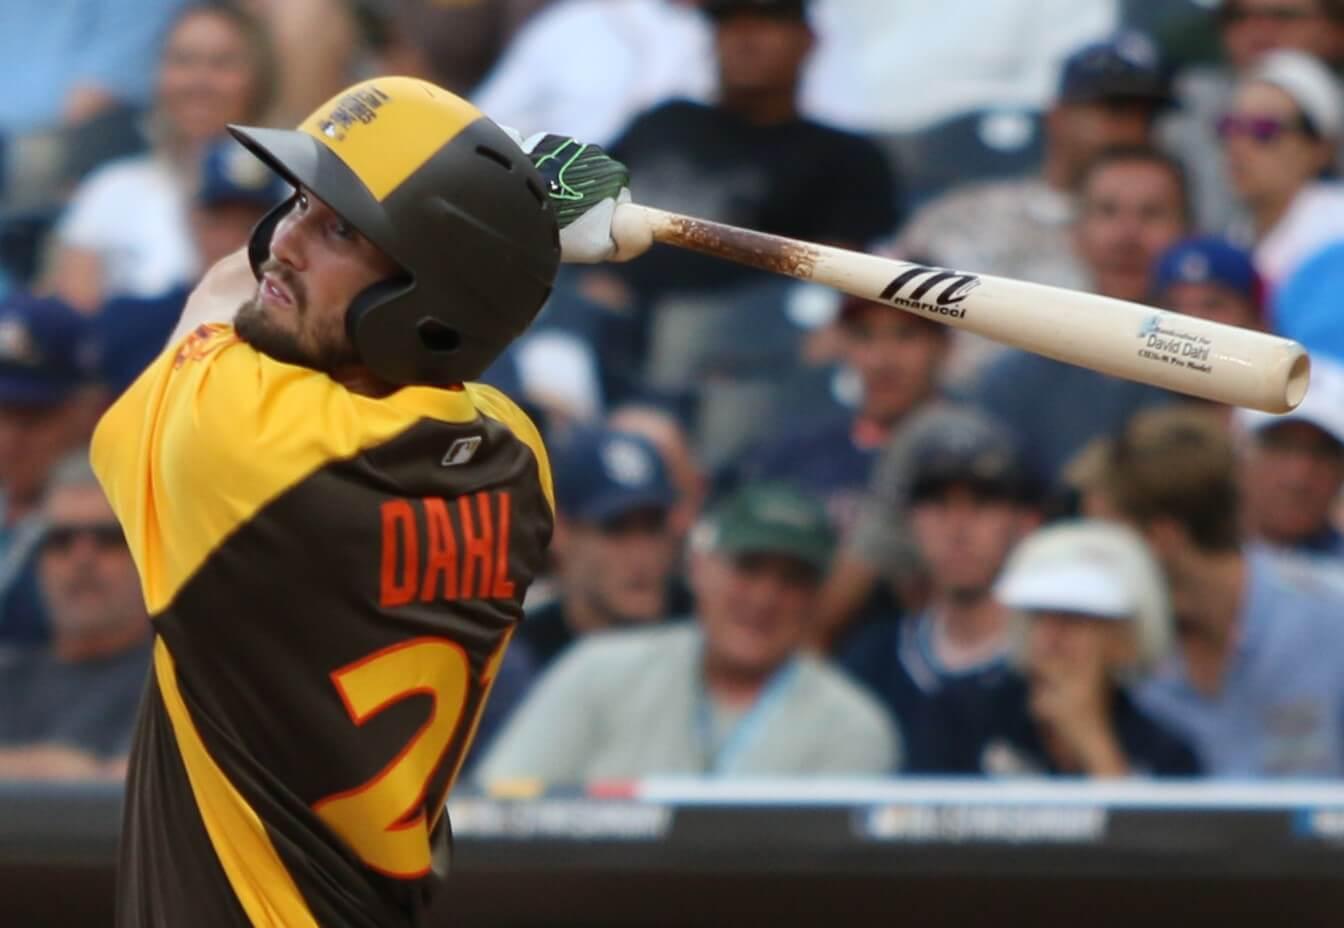 David Dahl Marucci CU26 Bat